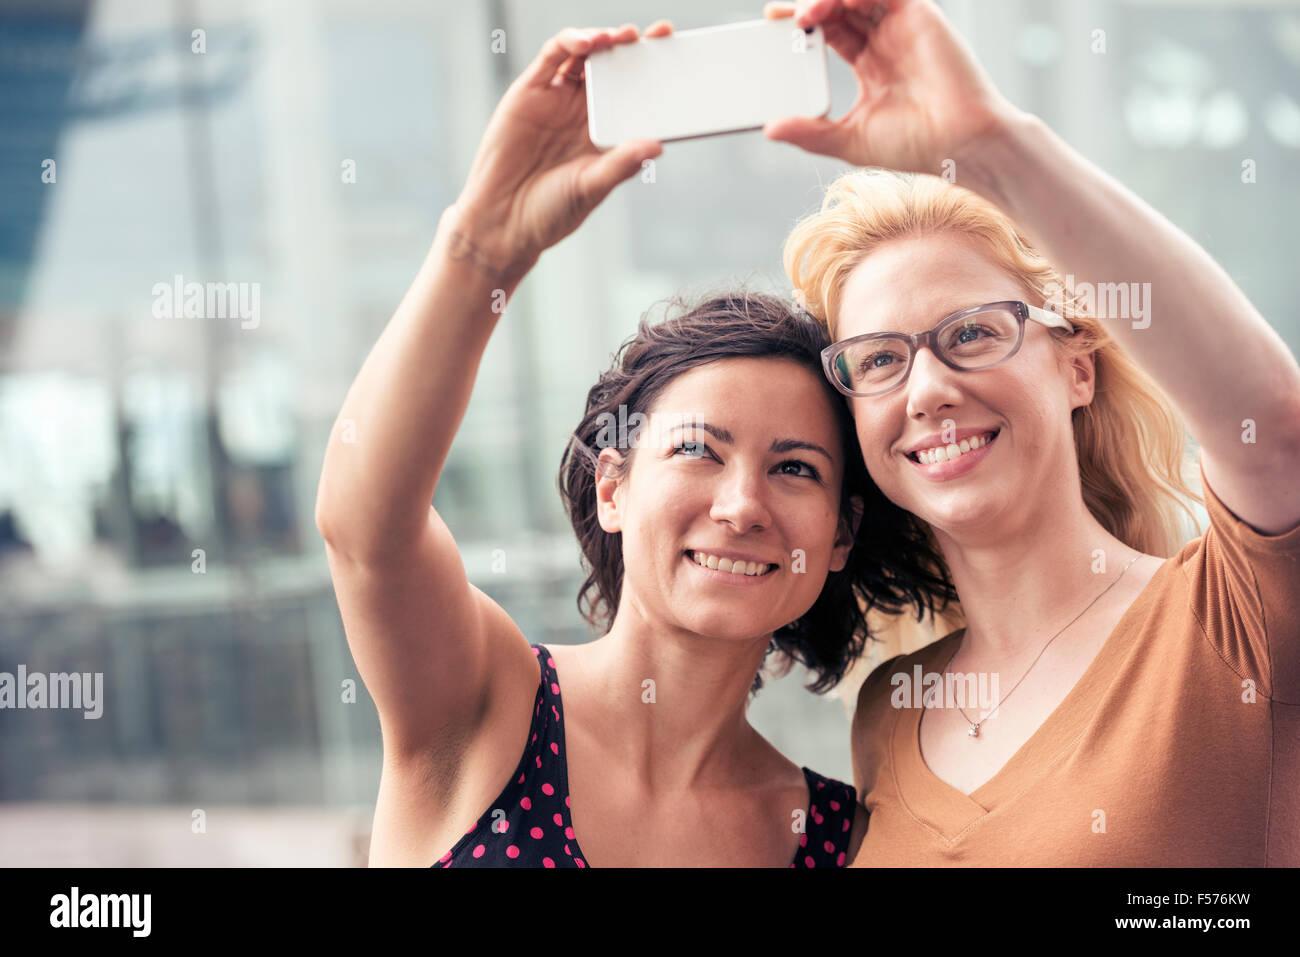 Deux femmes sur une rue de la ville, en tenant un téléphone intelligent avec un selfies. Photo Stock